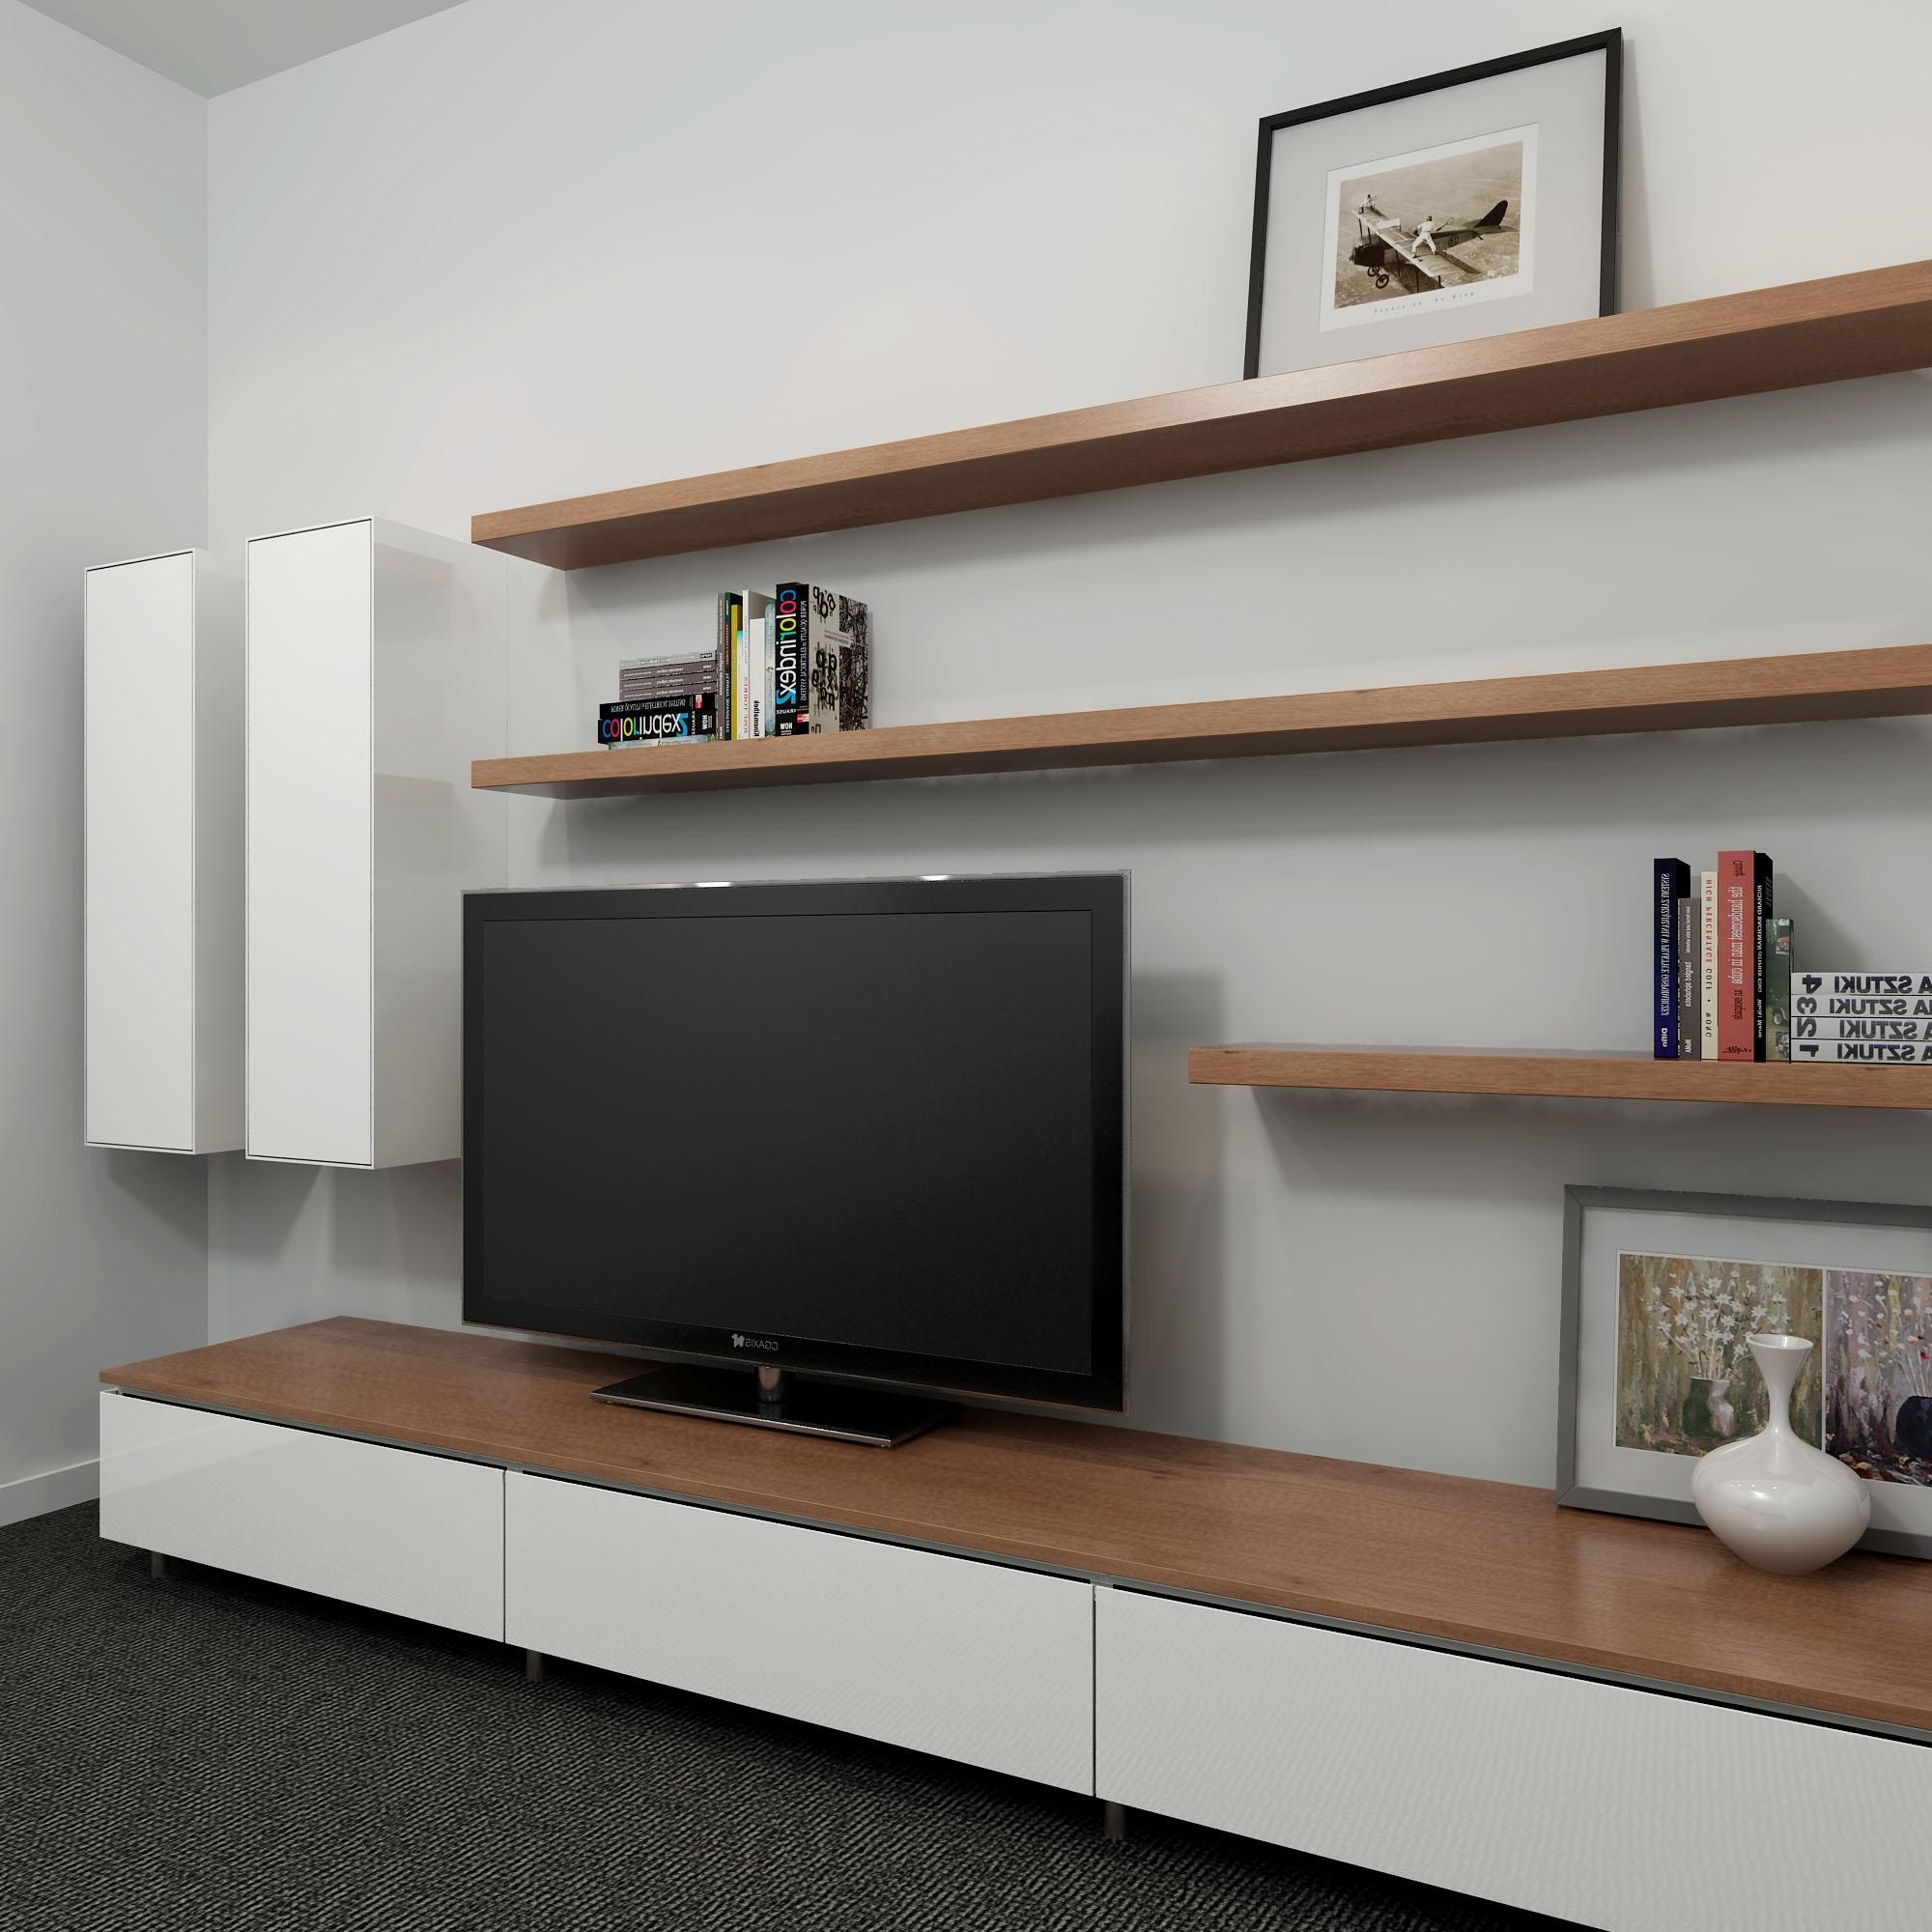 Fullsize Of Wall Long Shelves